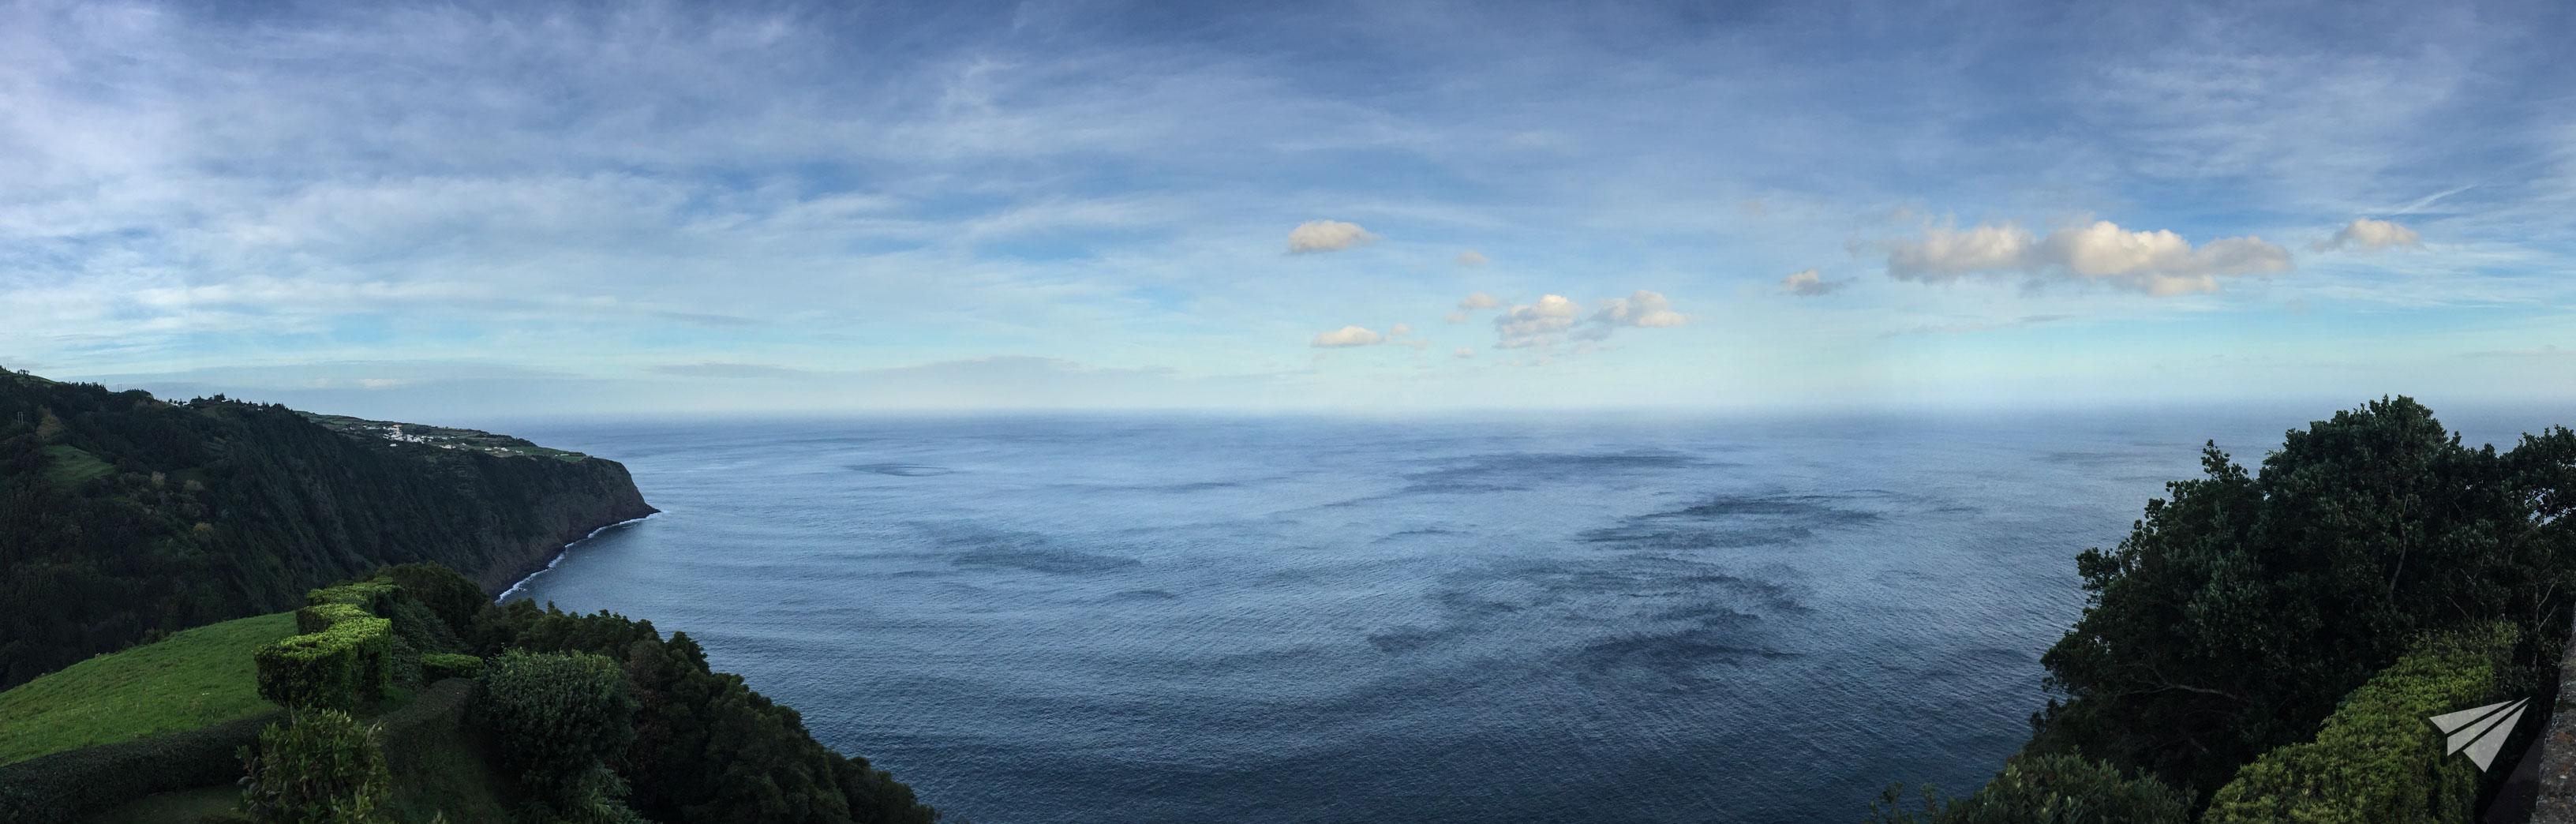 Miradouro da Ponta da Madrugada панорама